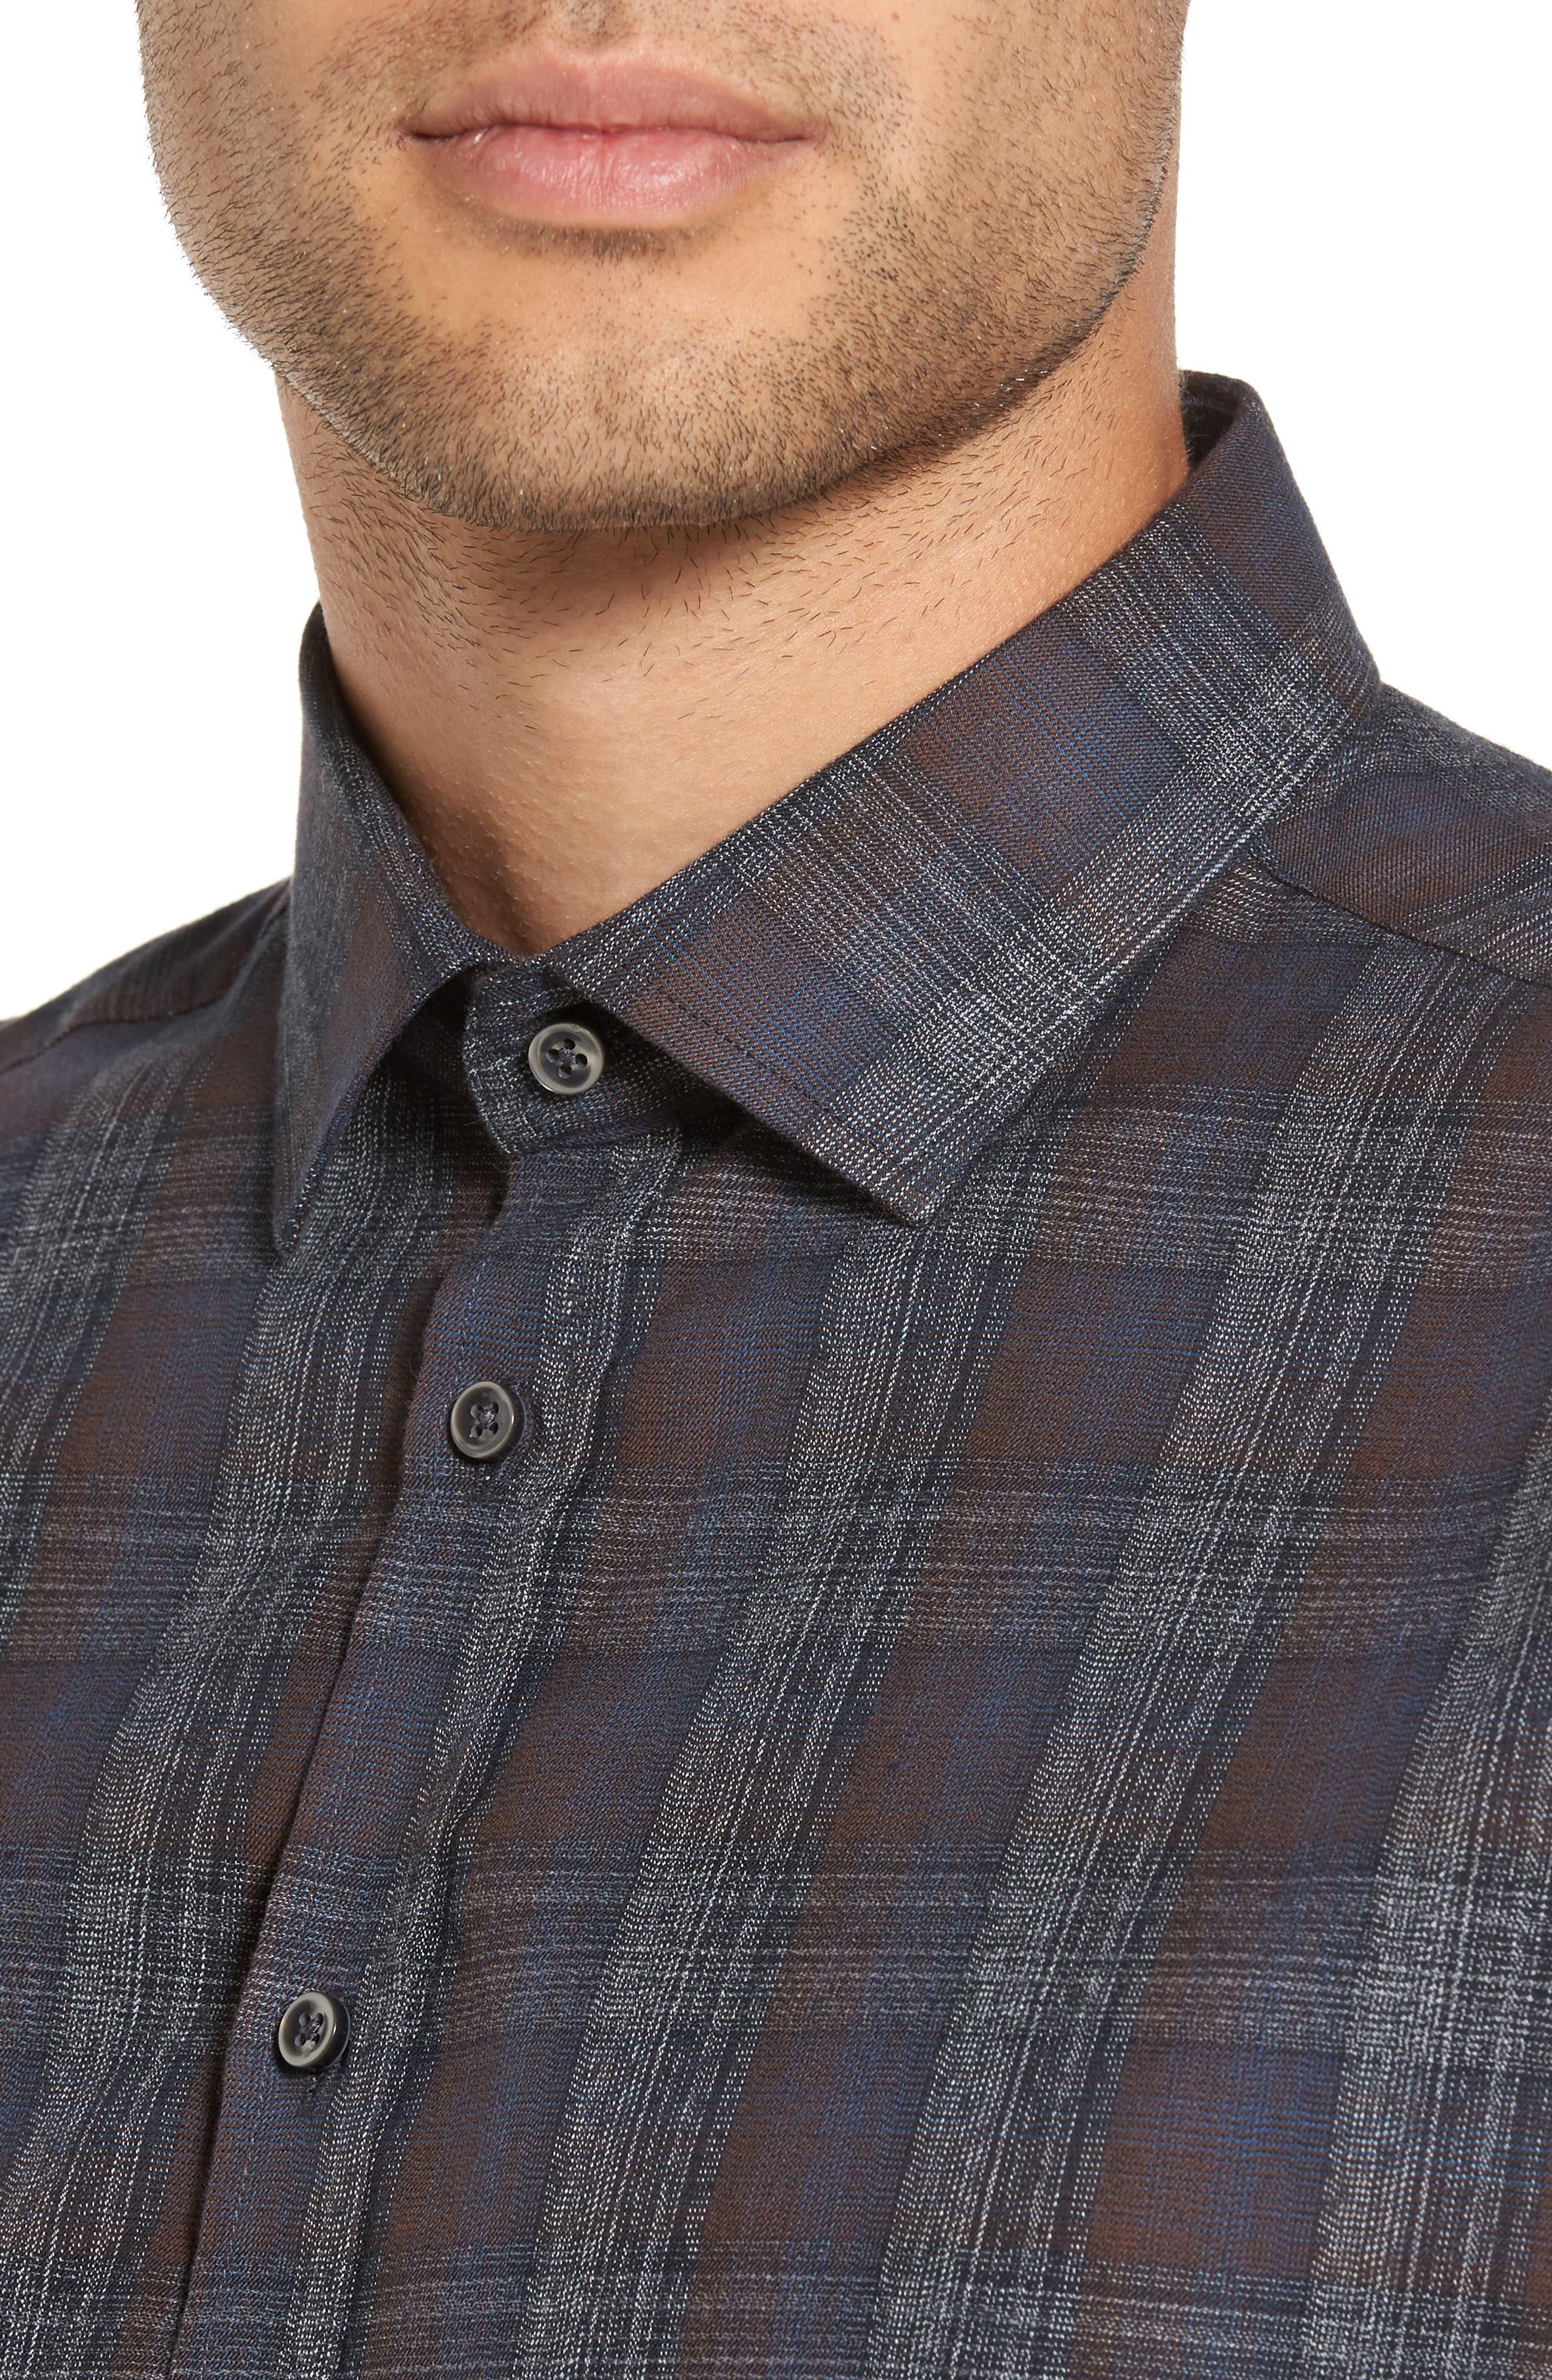 Trim Fit Plaid Sport Shirt,                             Alternate thumbnail 4, color,                             290 Brown Grey Plaid